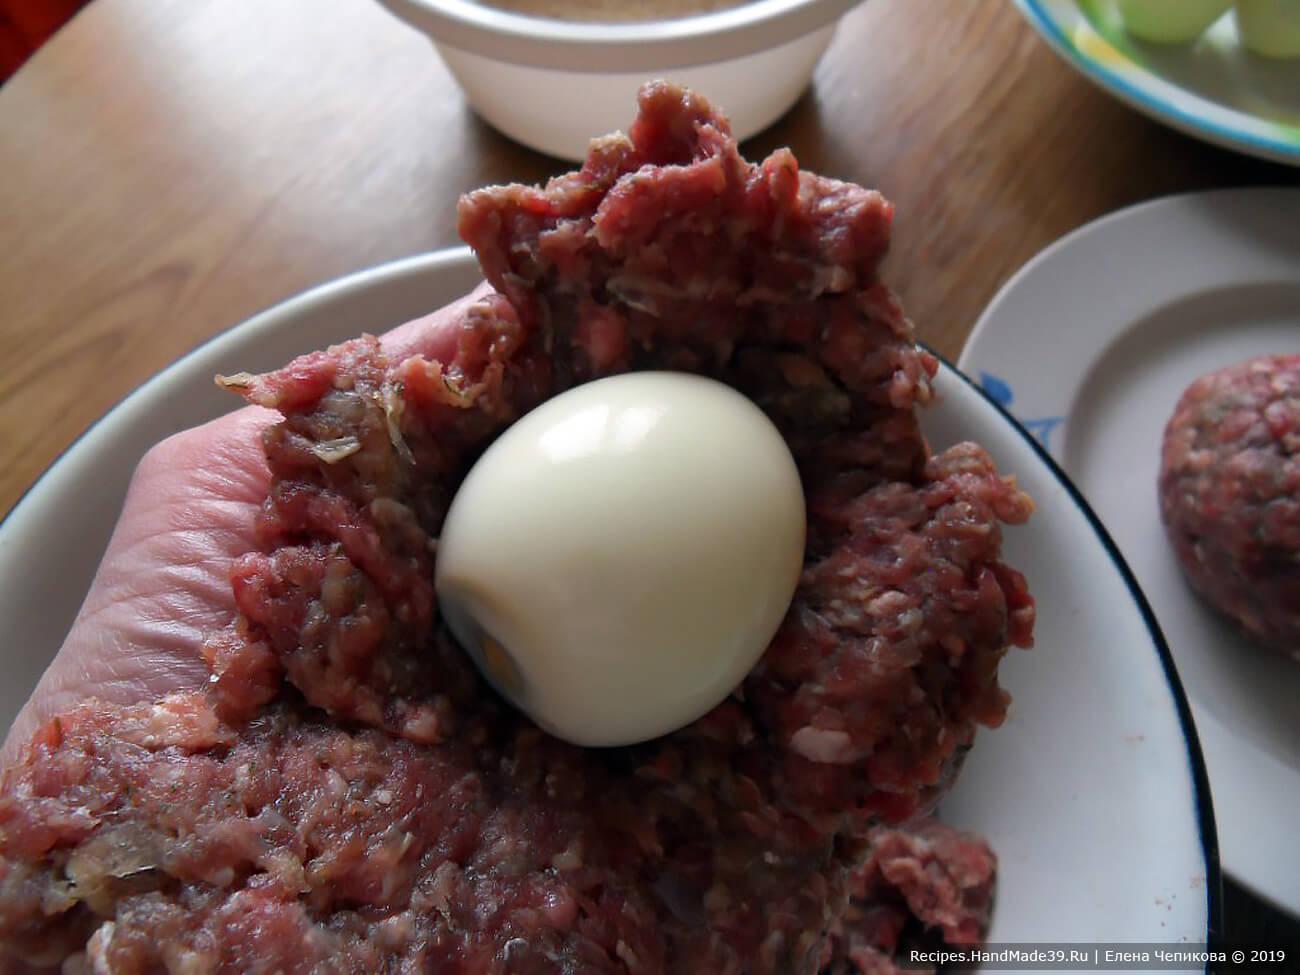 Фарш посолить, добавить специи (по желанию), хорошо вымешать. Разделить на равные части по количеству яиц. Из каждой части фарша сделать лепёшку, в центр которой выложить яйцо